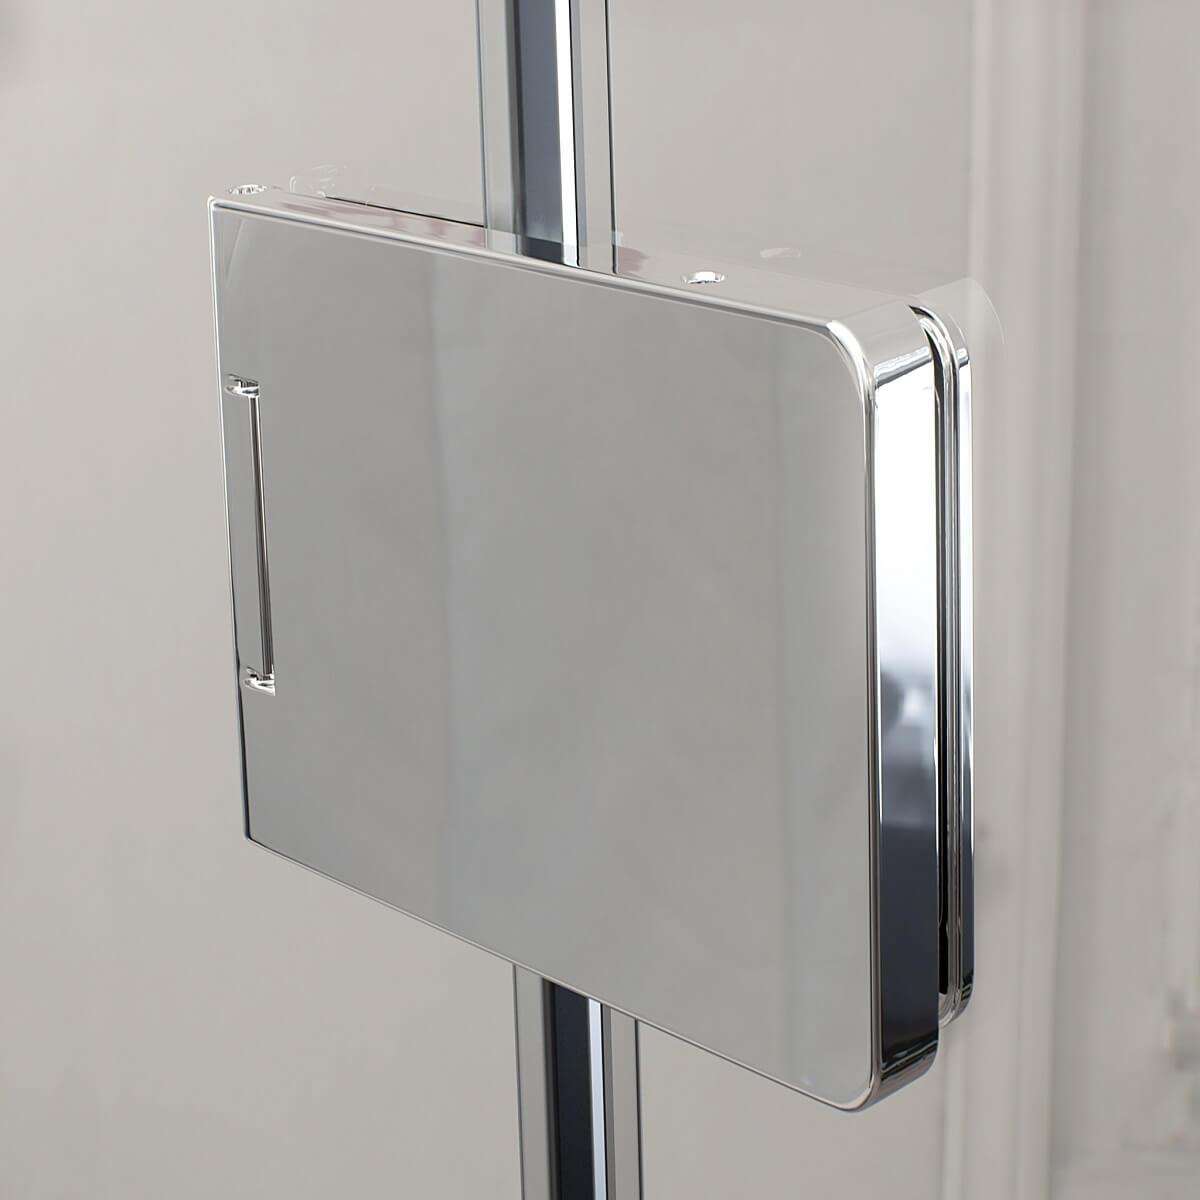 Matki New Illusion Quintesse Shower Enclosure With